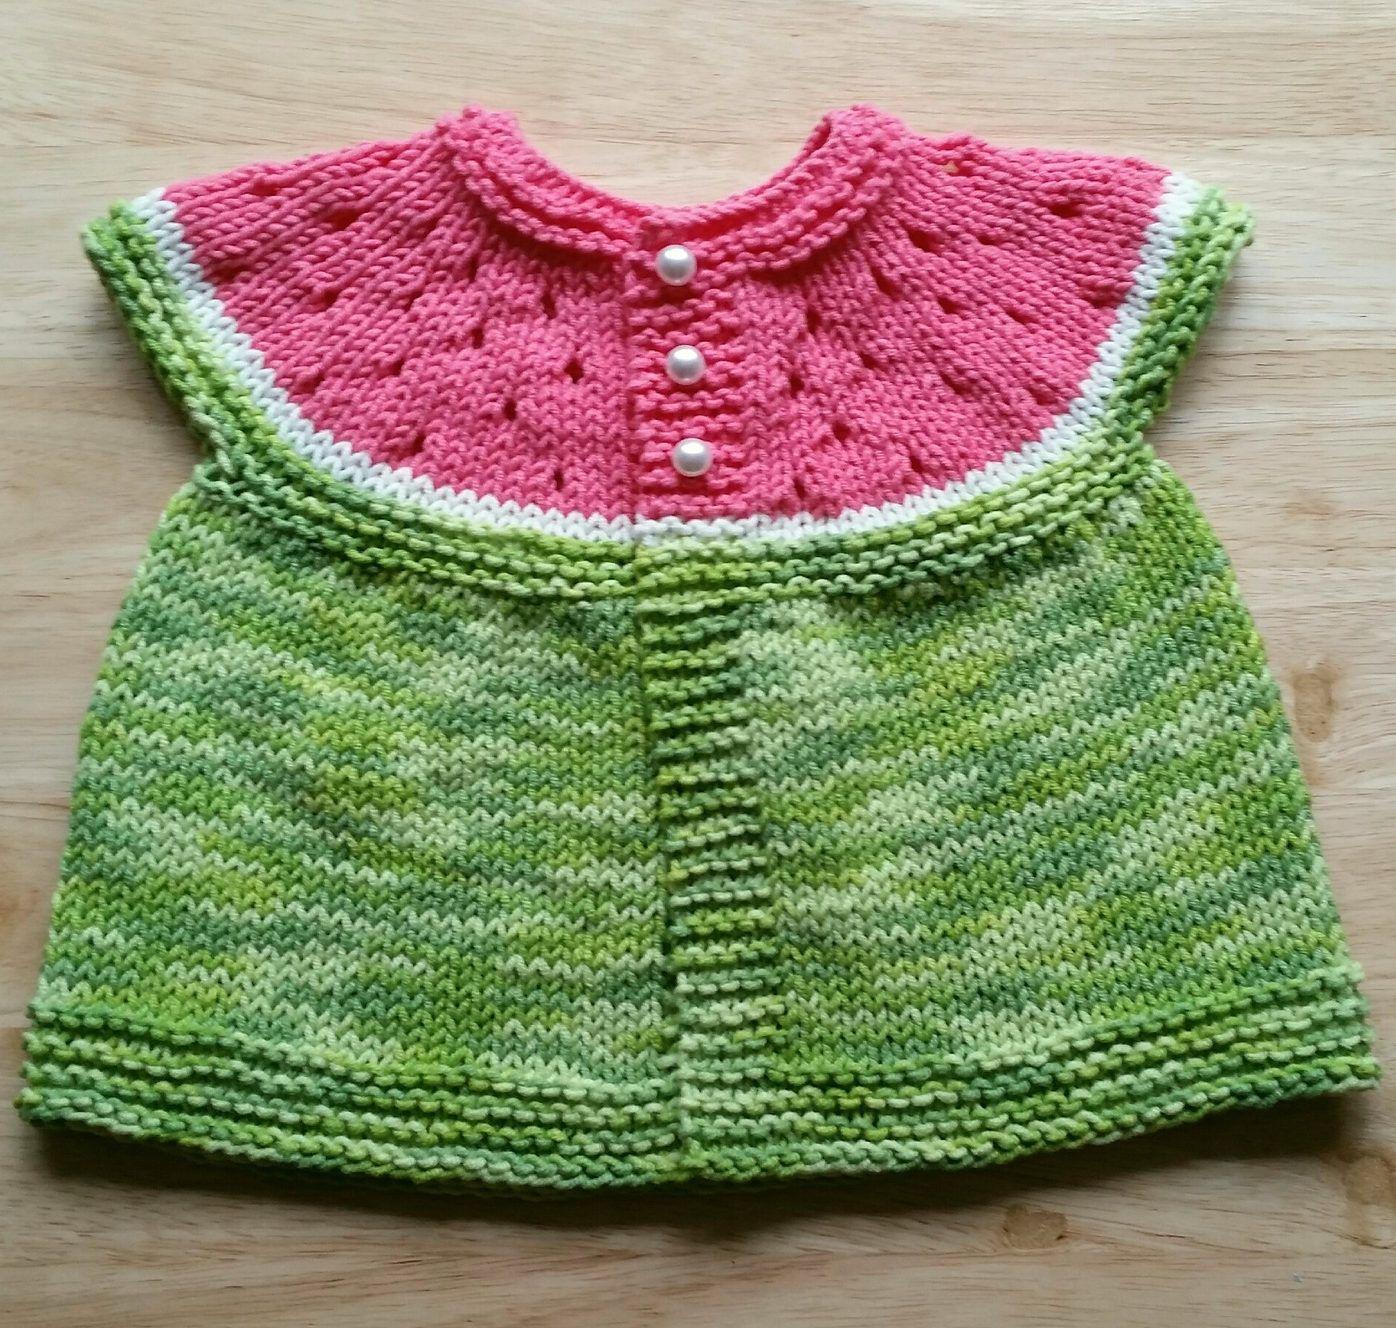 Baby Cardigan Sweater Knitting Patterns | Babysachen, Stricken und Puppe